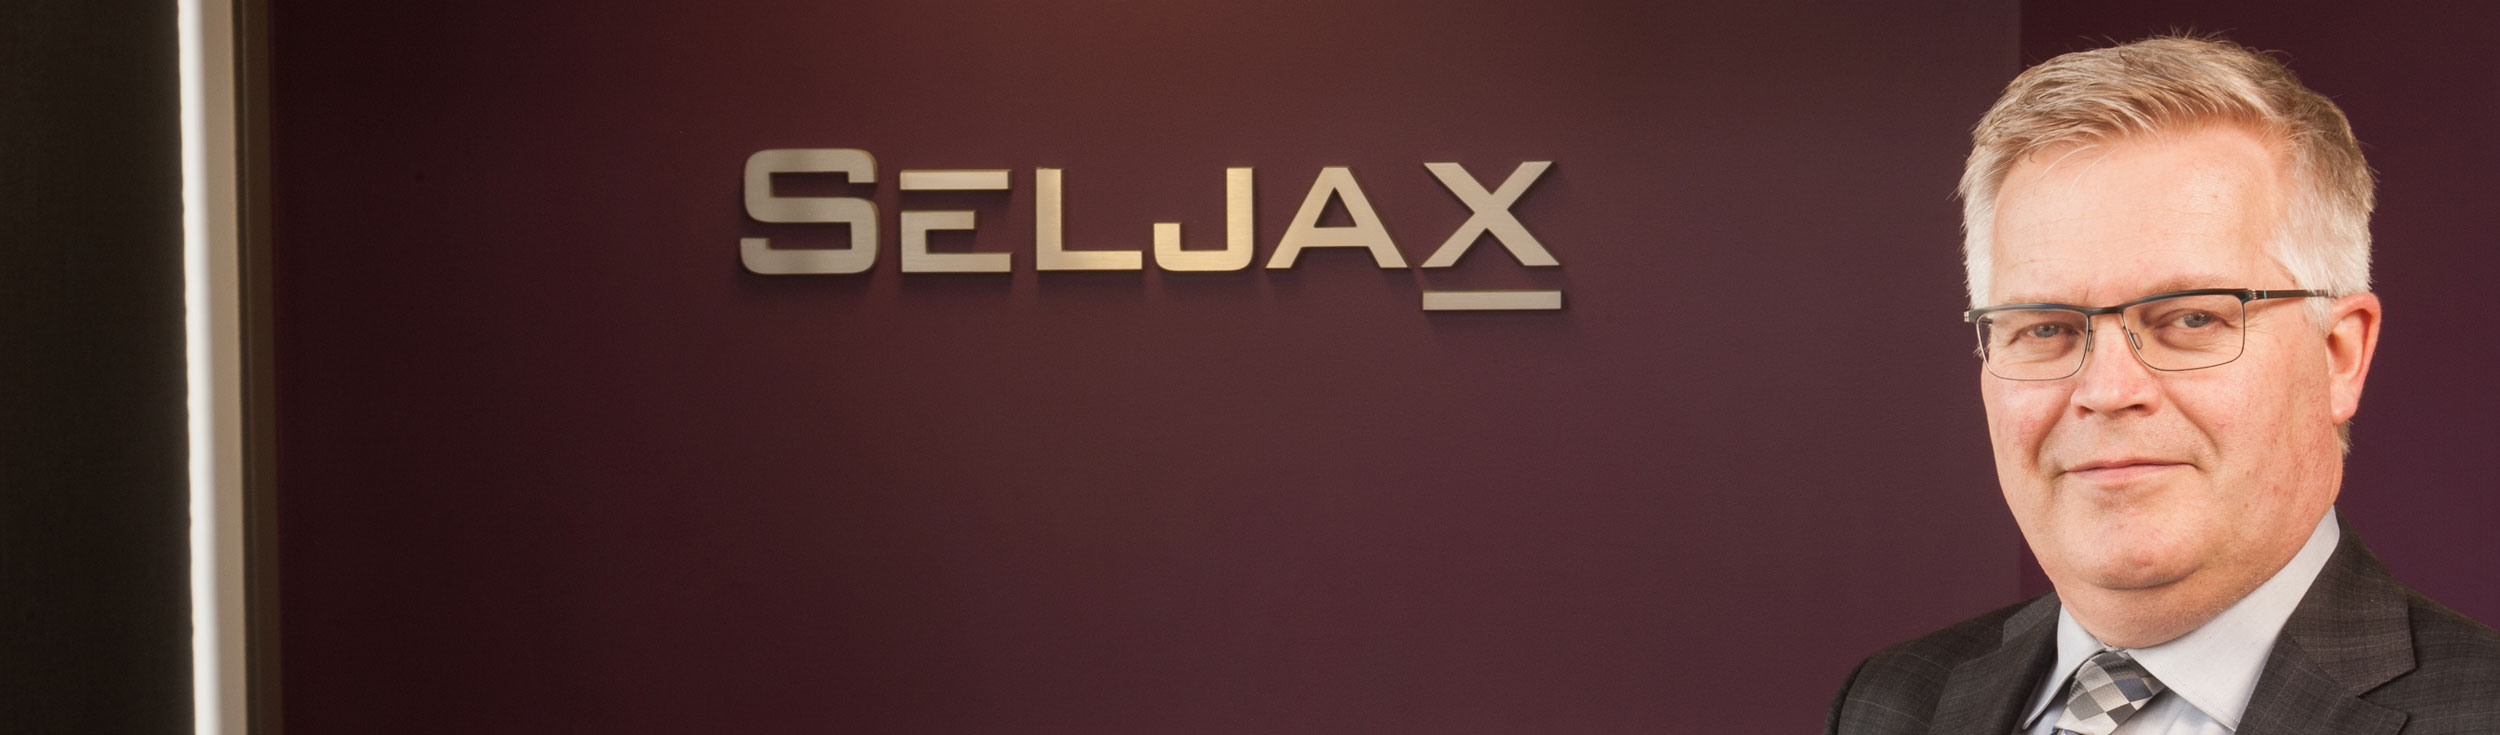 Seljax